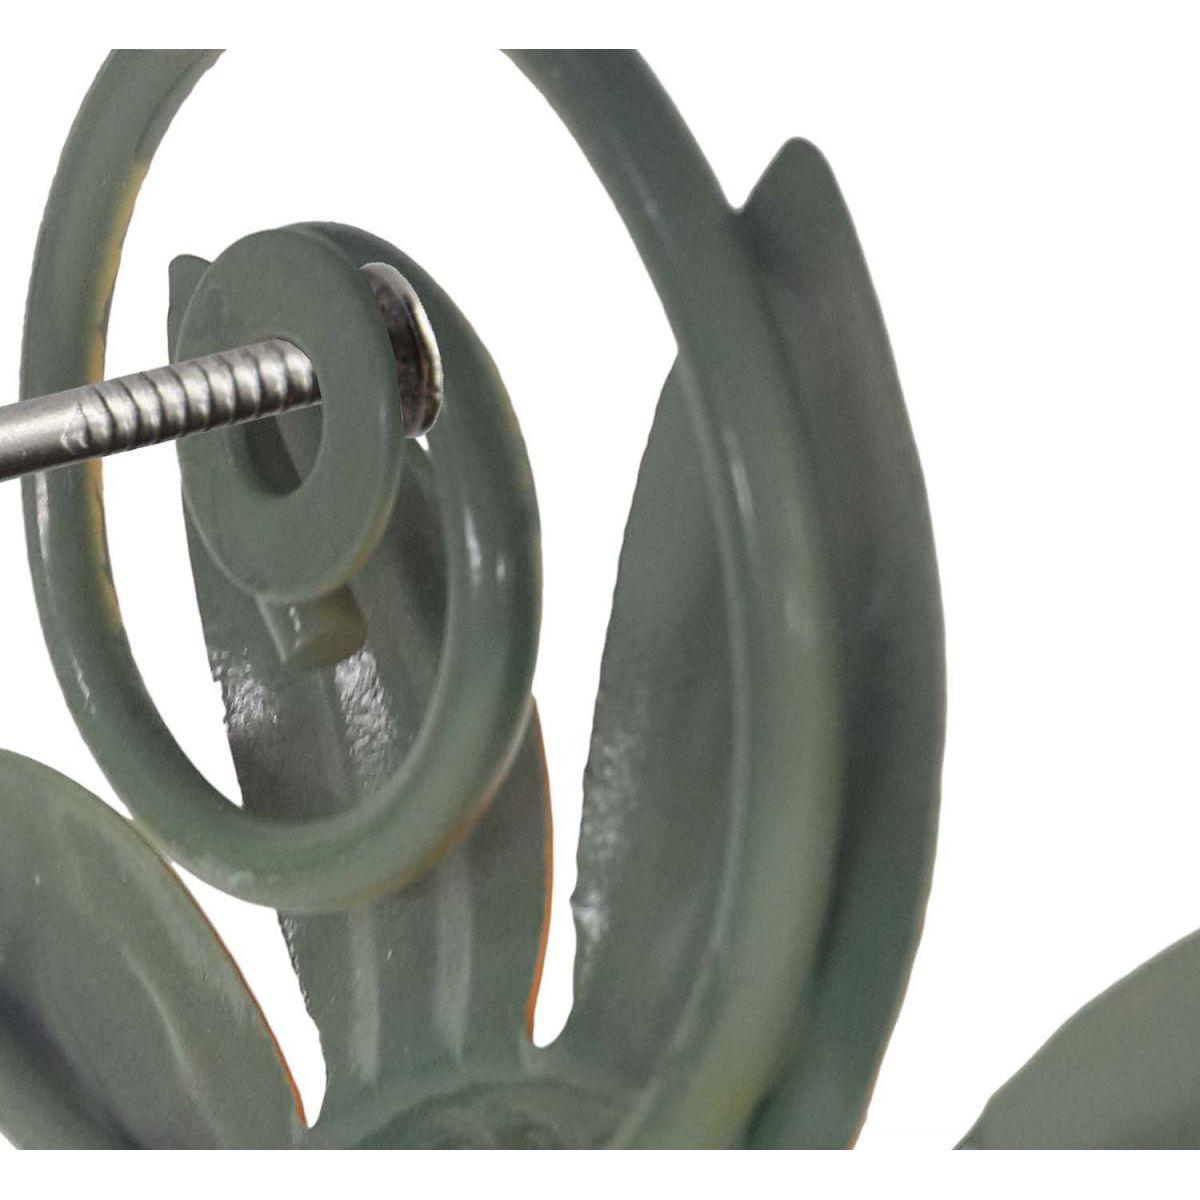 Gancho de Ferro Triplo Flores Para Chapeu Bolsa Bone Enfeite Pendura Sortido Kit Com 2